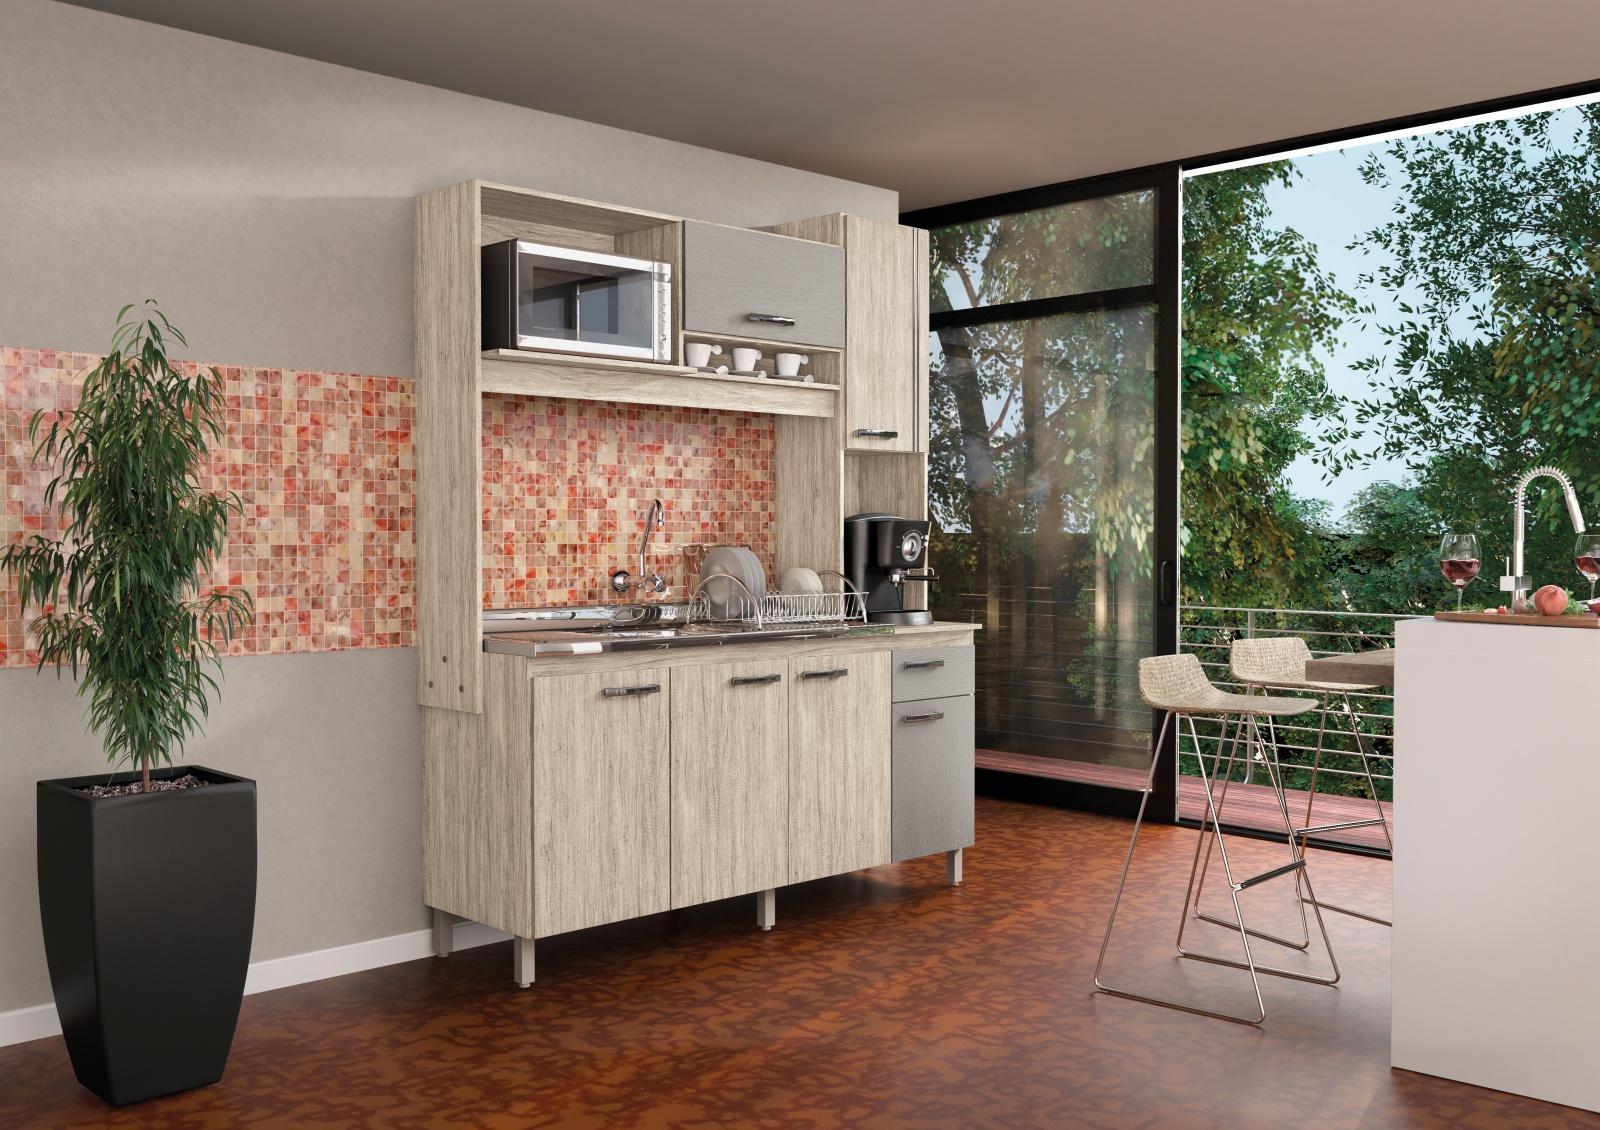 Cozinha Compacta Ariana